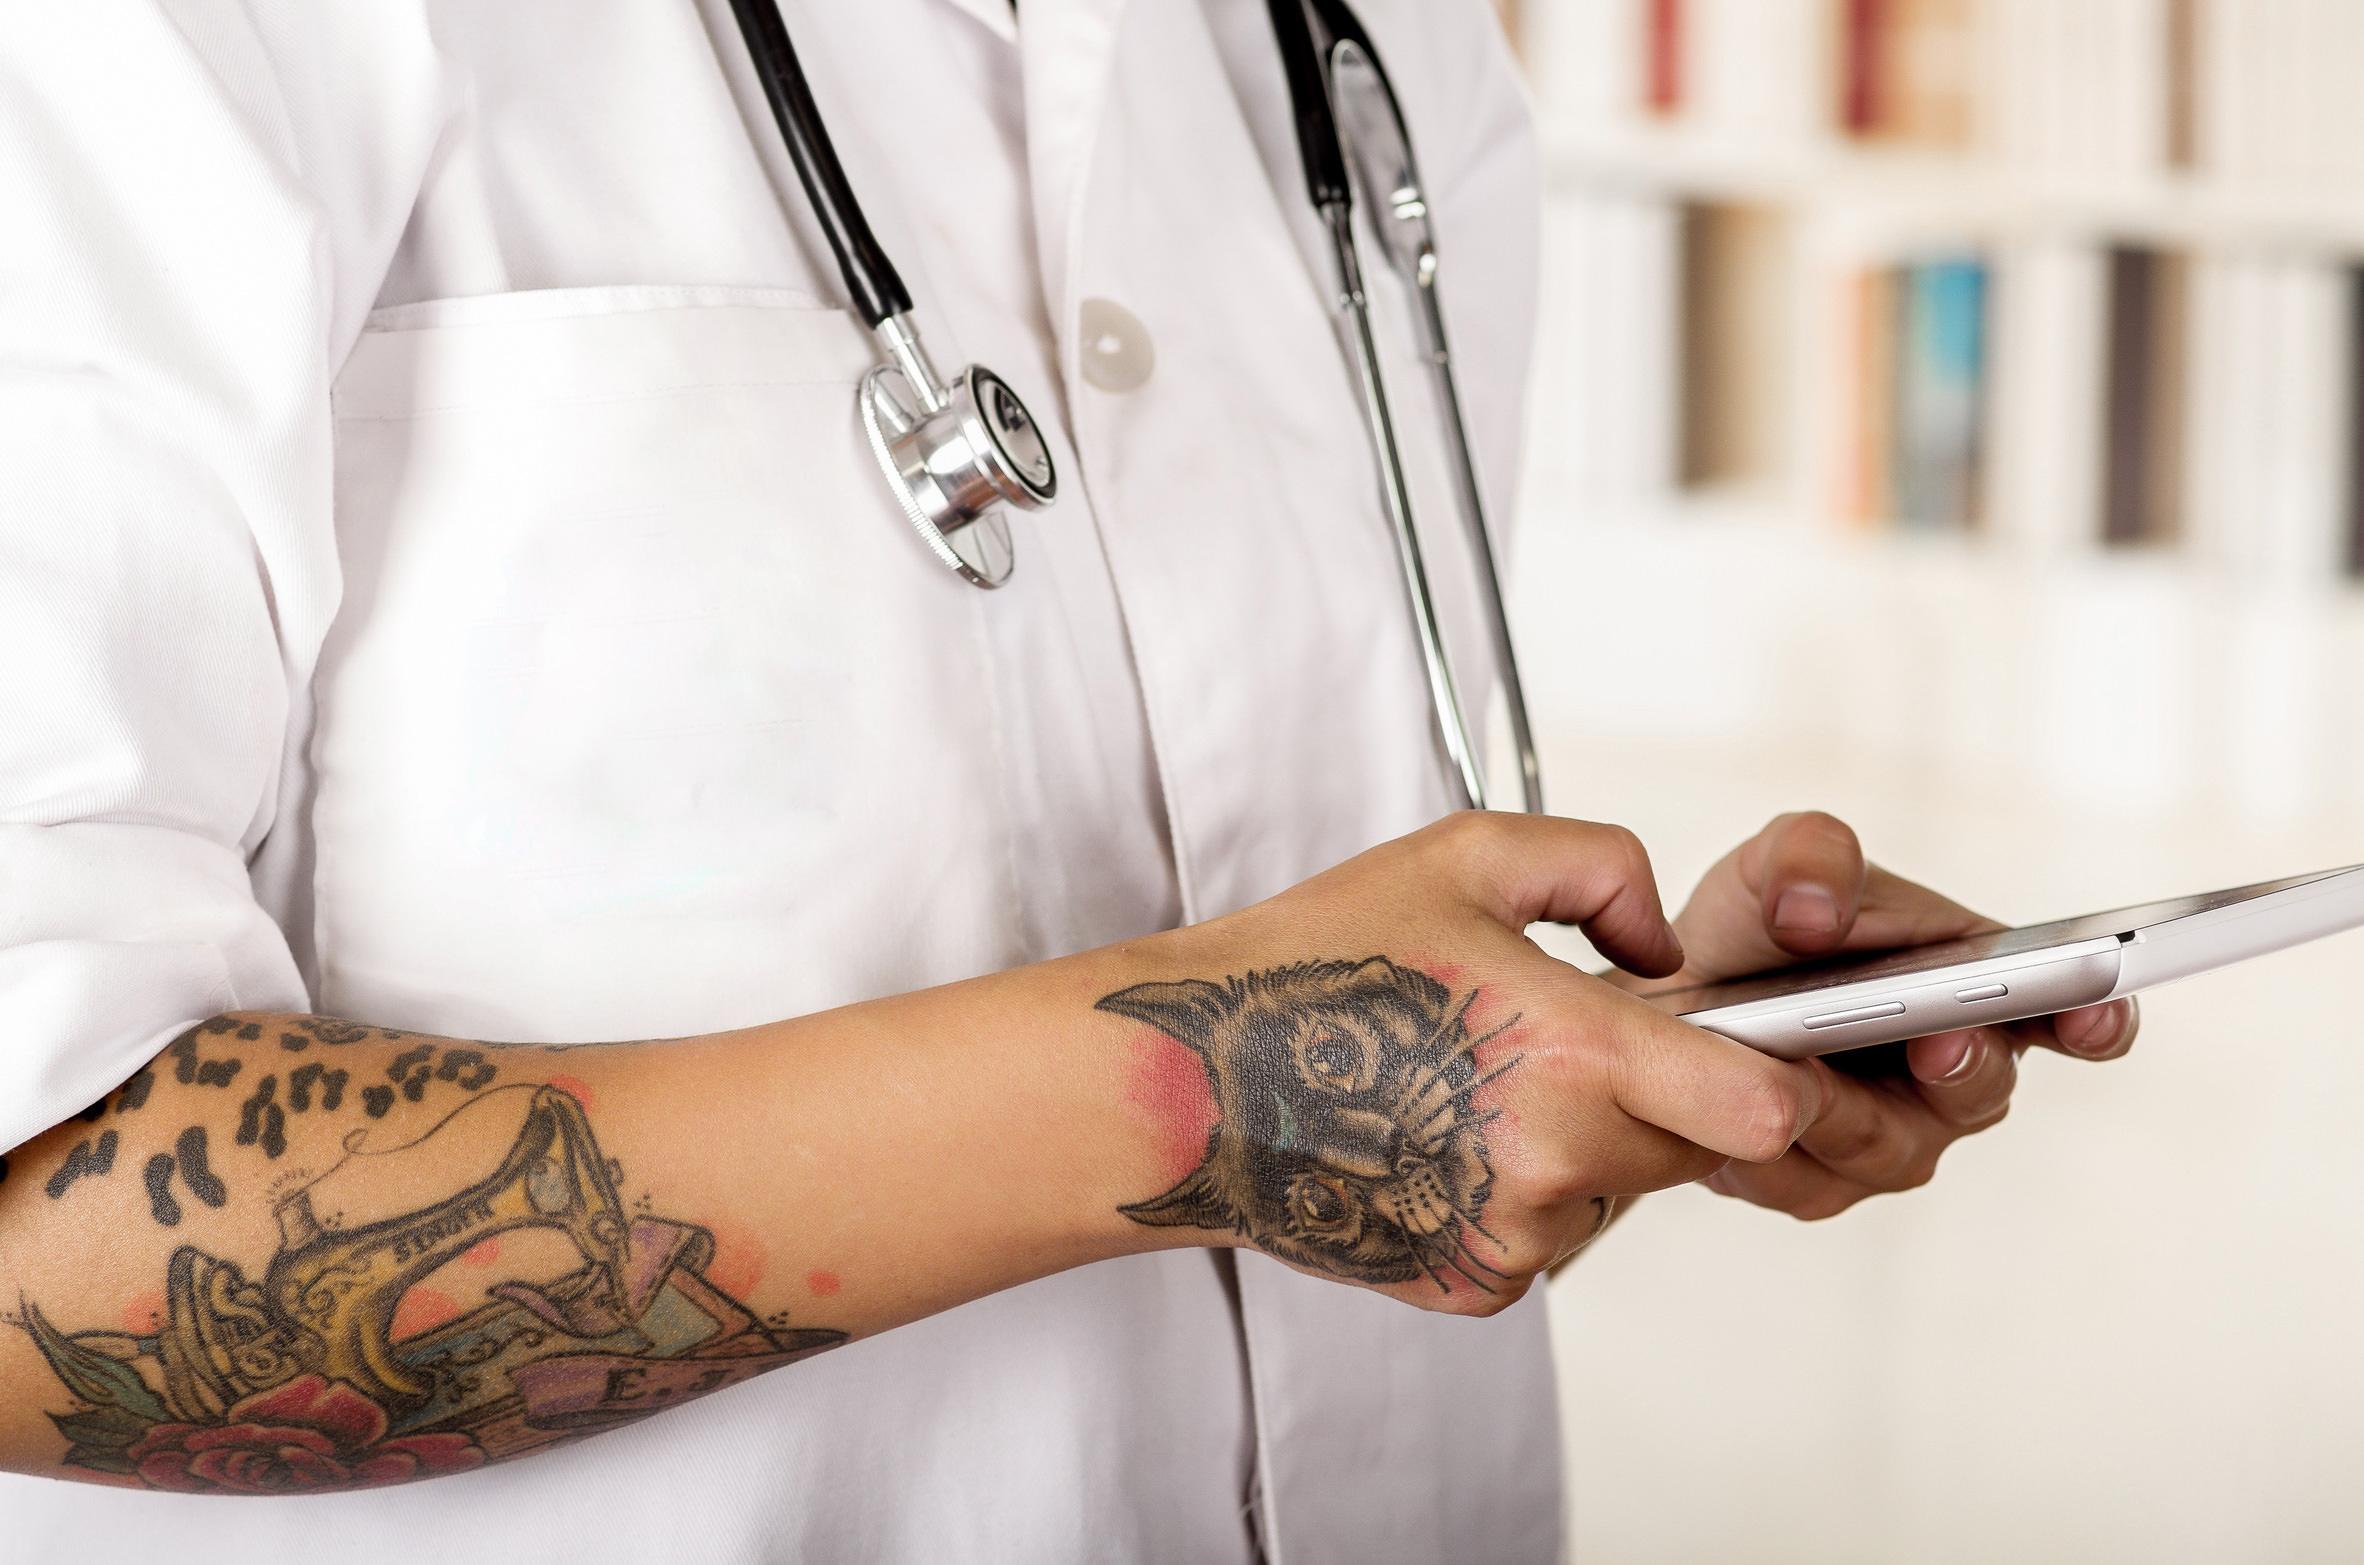 praxismitarbeiter mit tattoos und piercings